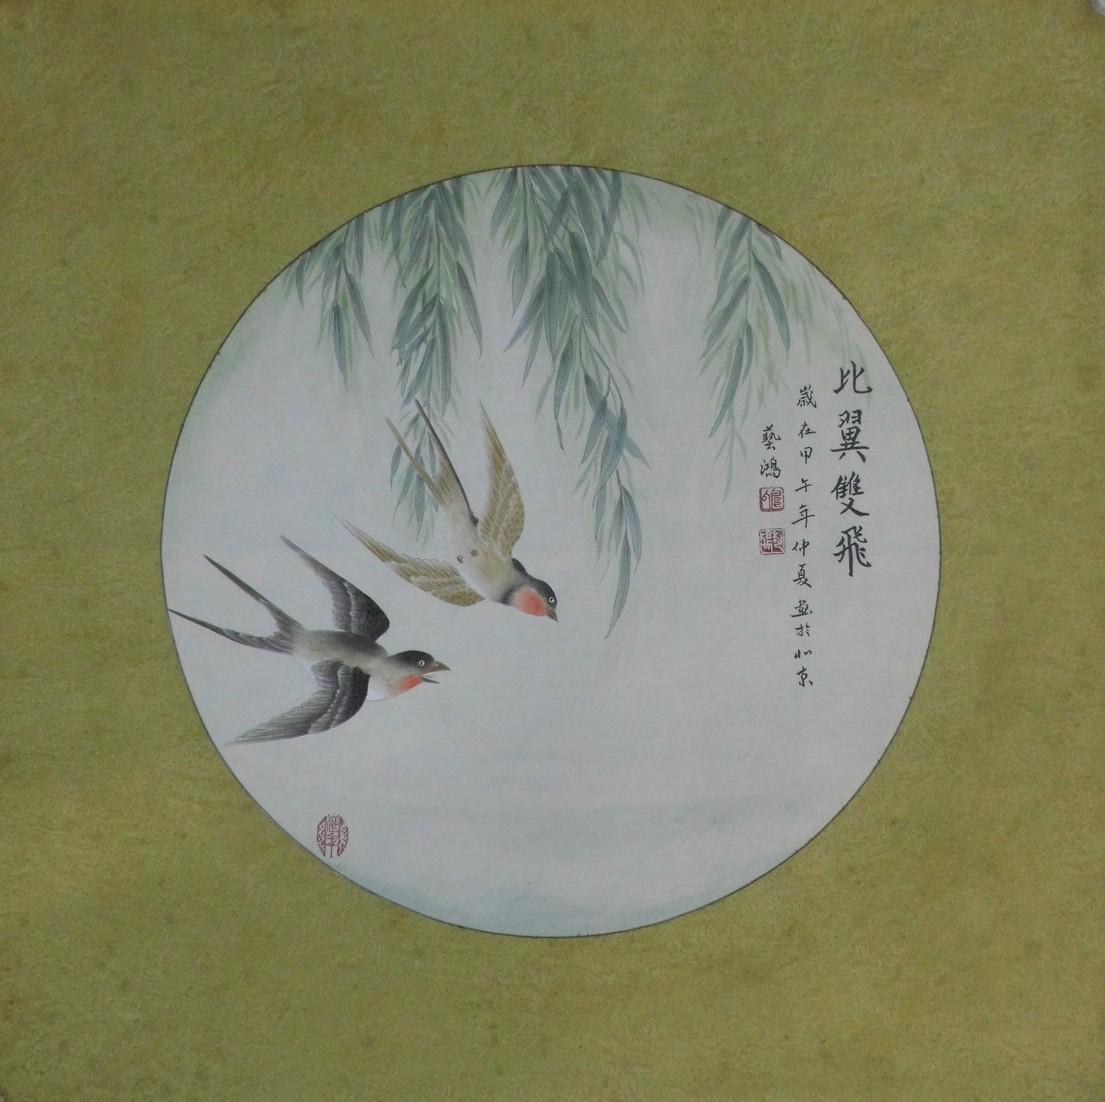 户广生国画扇面,名家书画纯手绘字画精品